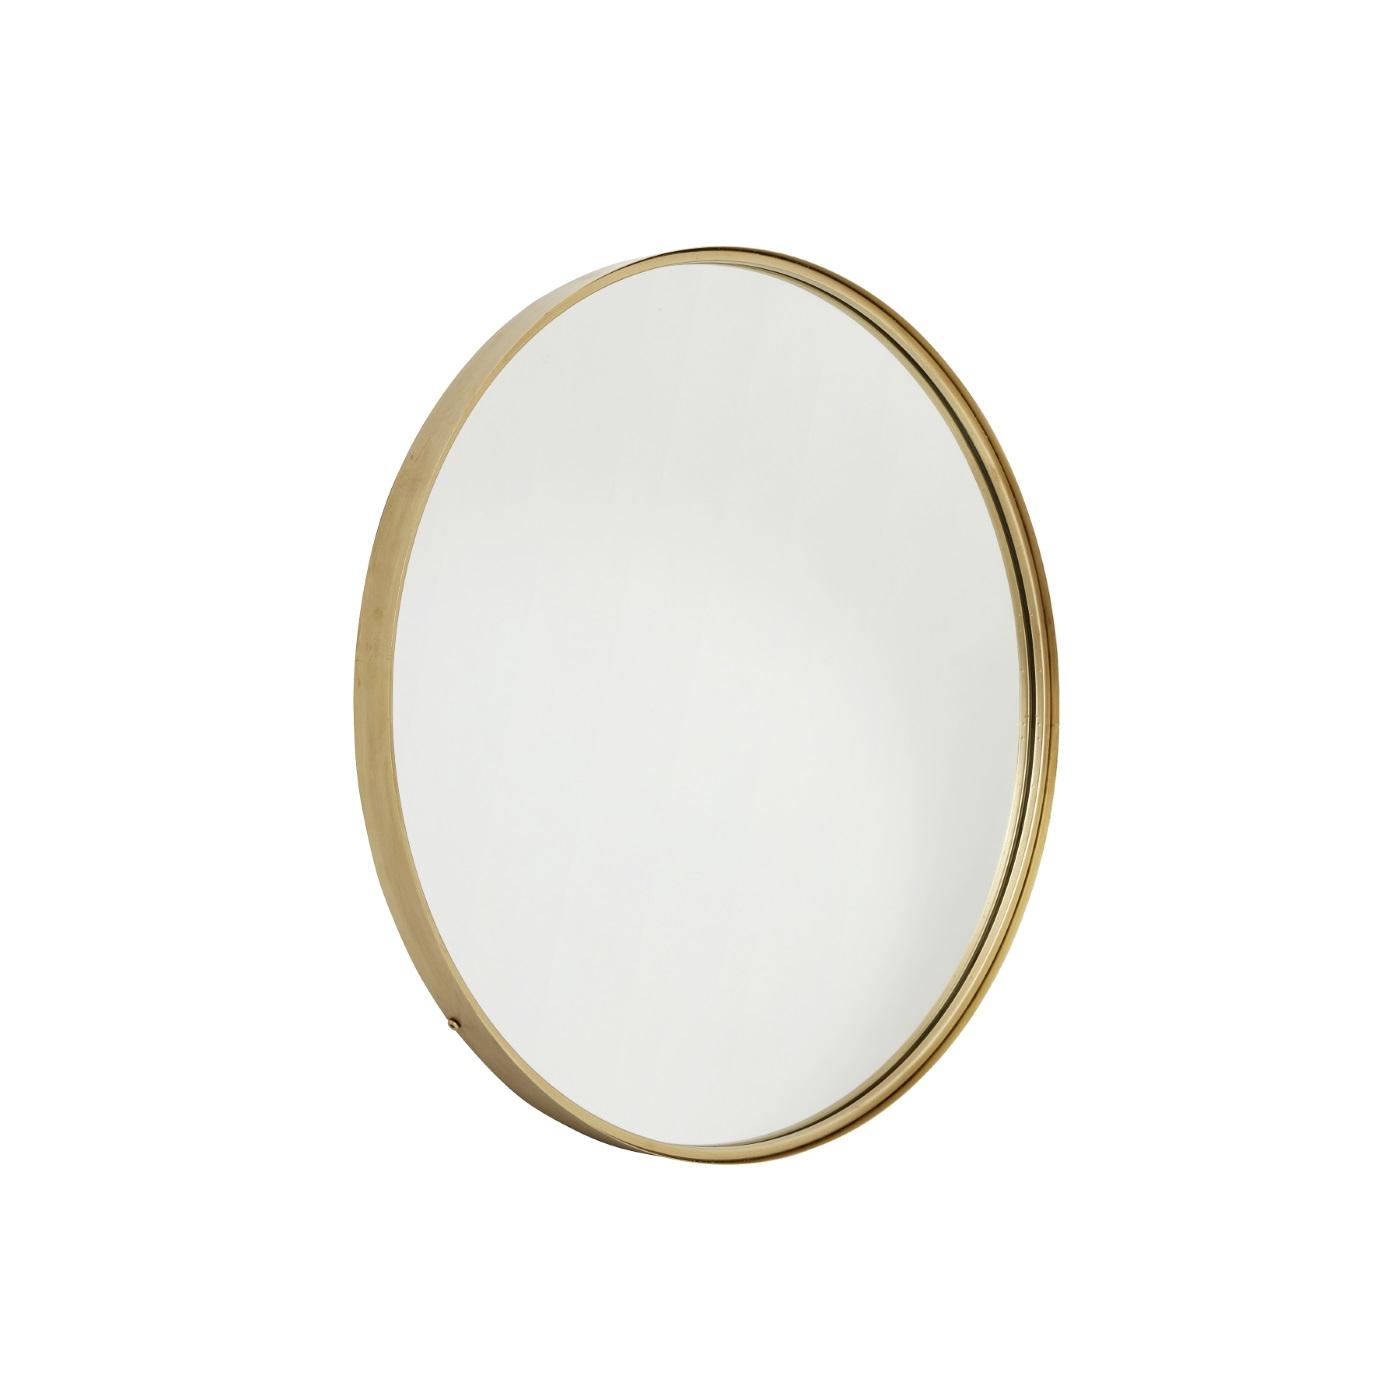 Rund spegel 80 cm mässing, Nordal